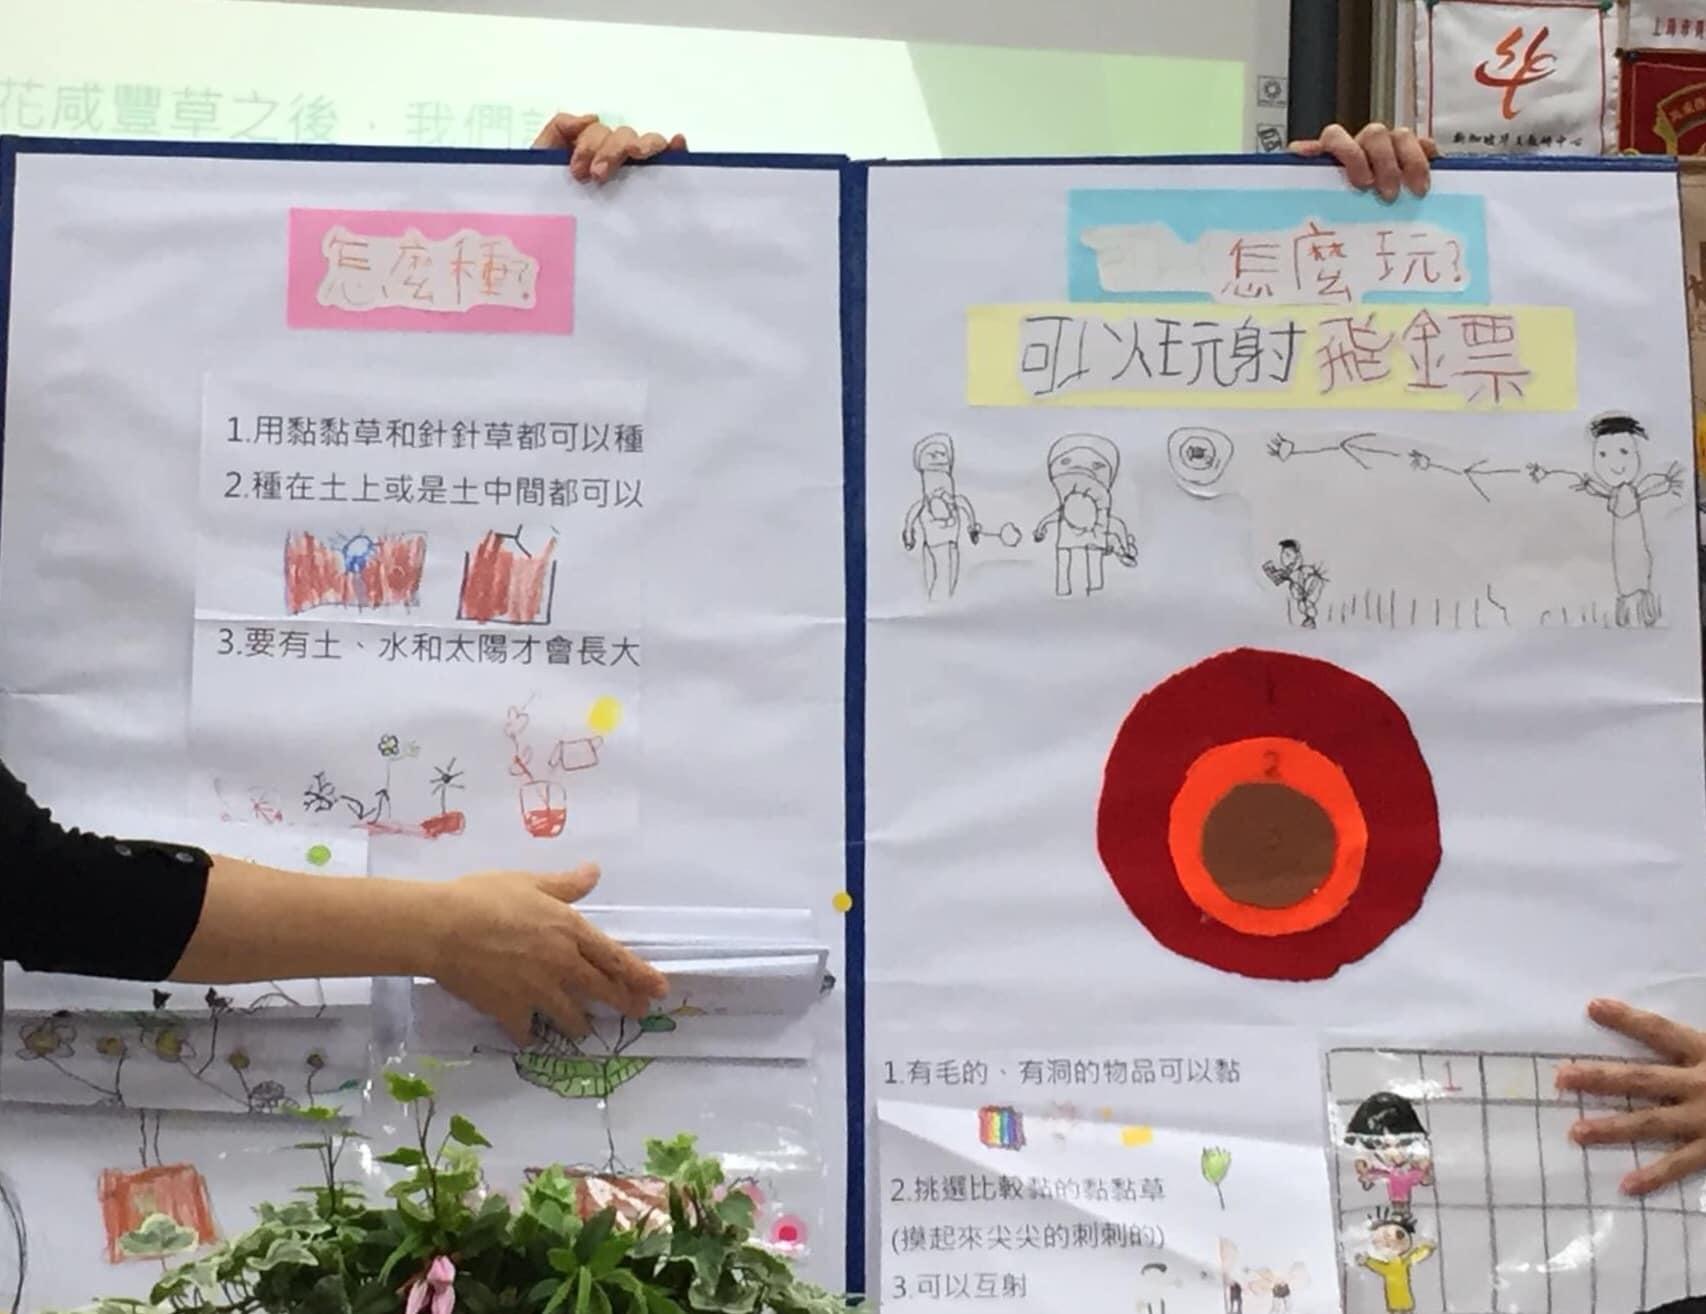 ภาพประกอบไอเดีย การสอน Project Approach ปฐมวัยสุดปังในไต้หวัน